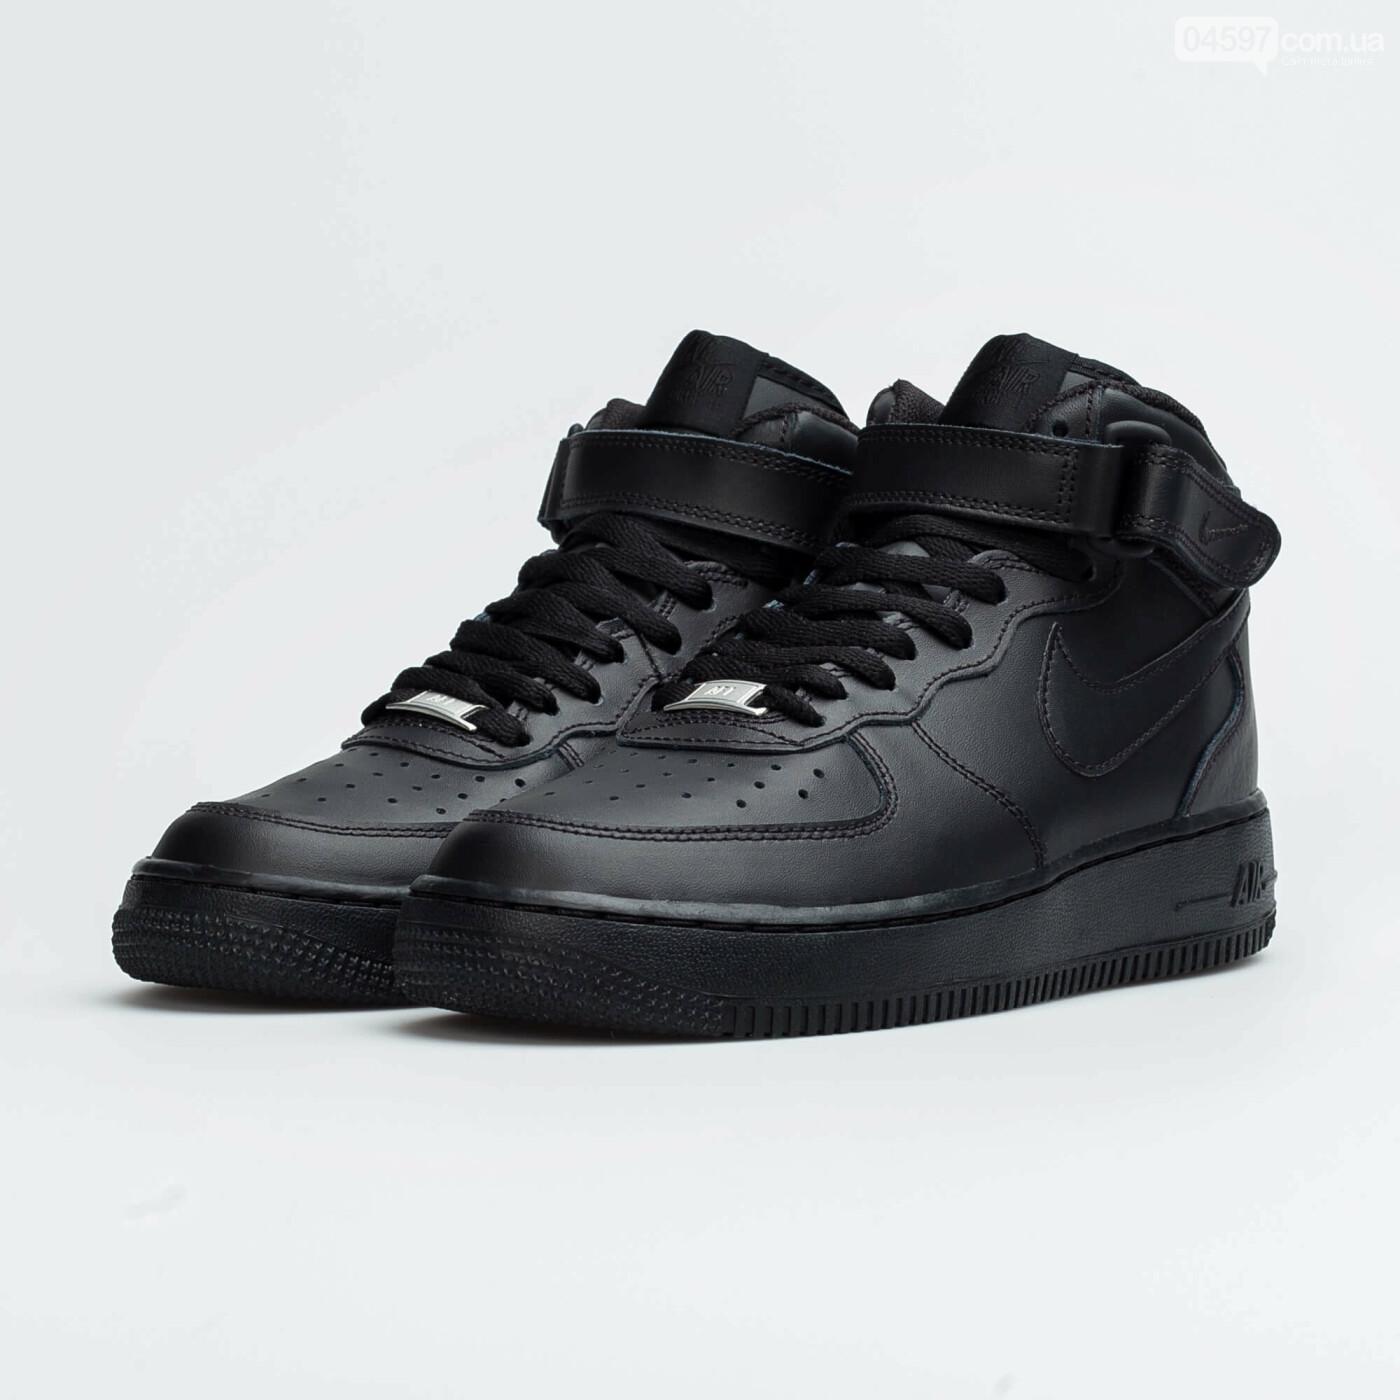 Чоловіча мода: підбірка кросівок, які потрібно приміряти до наступу зими, фото-3